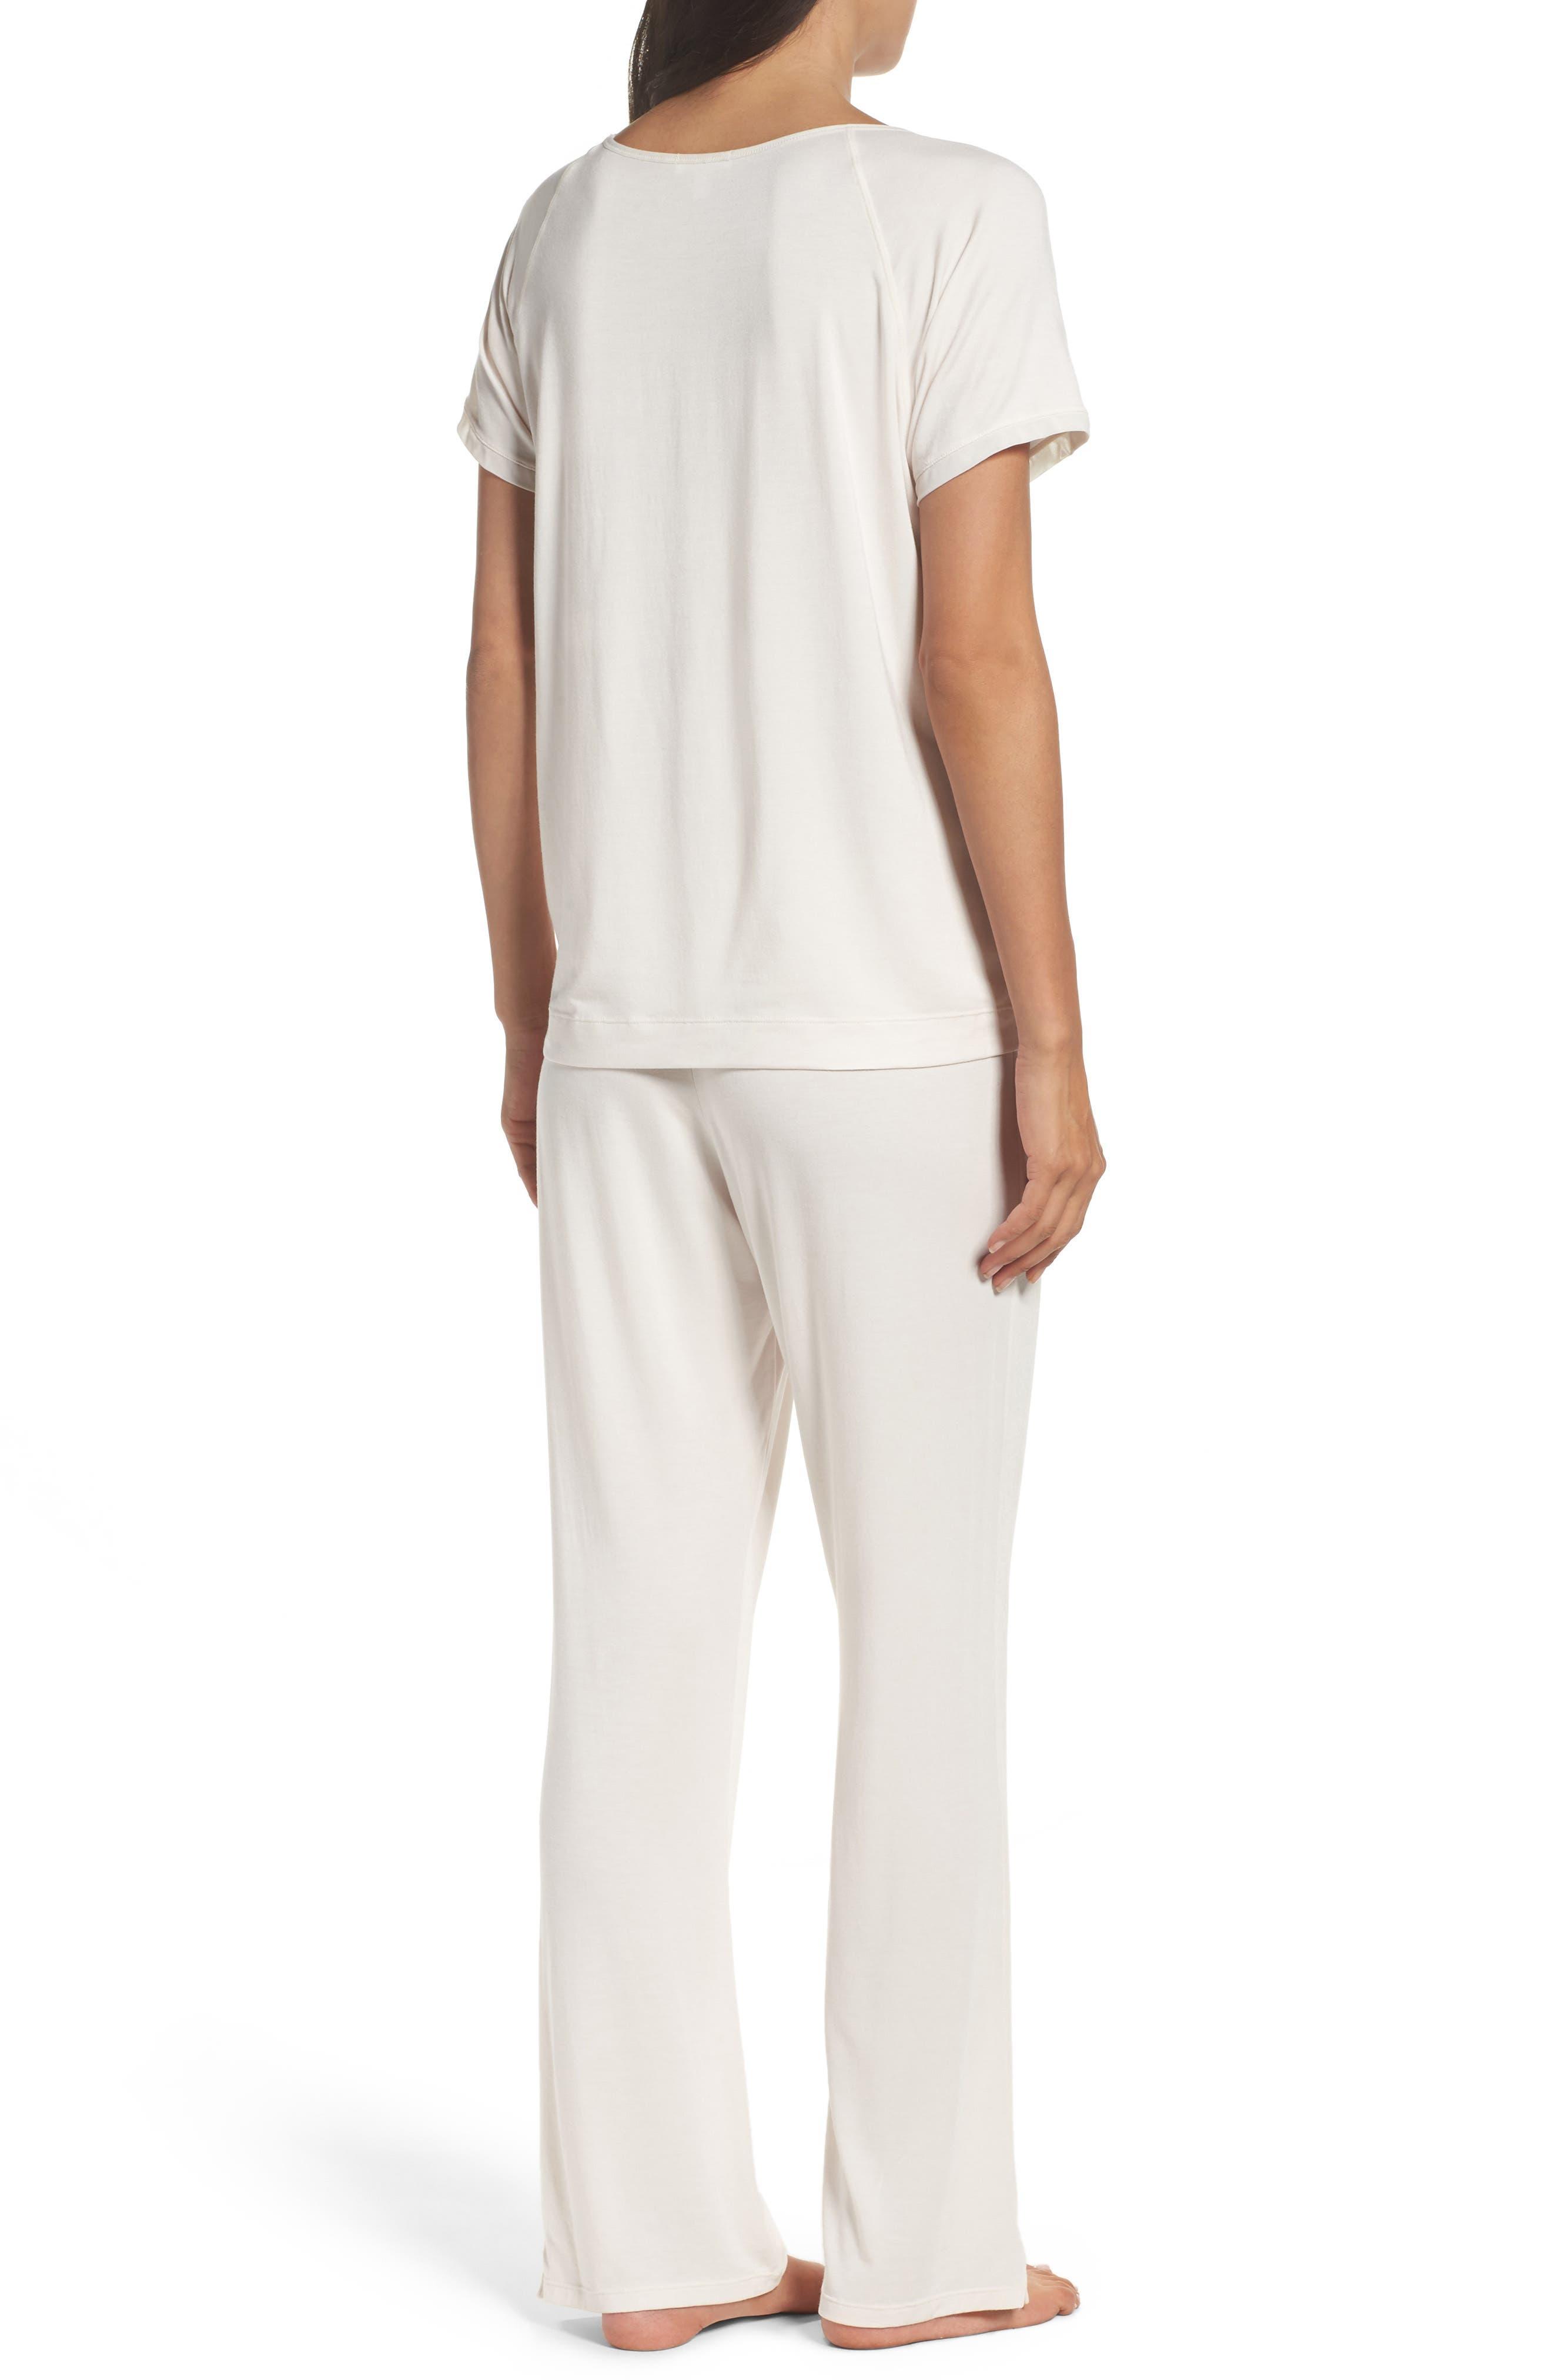 Alternate Image 2  - Naked Stretch Modal Pajamas